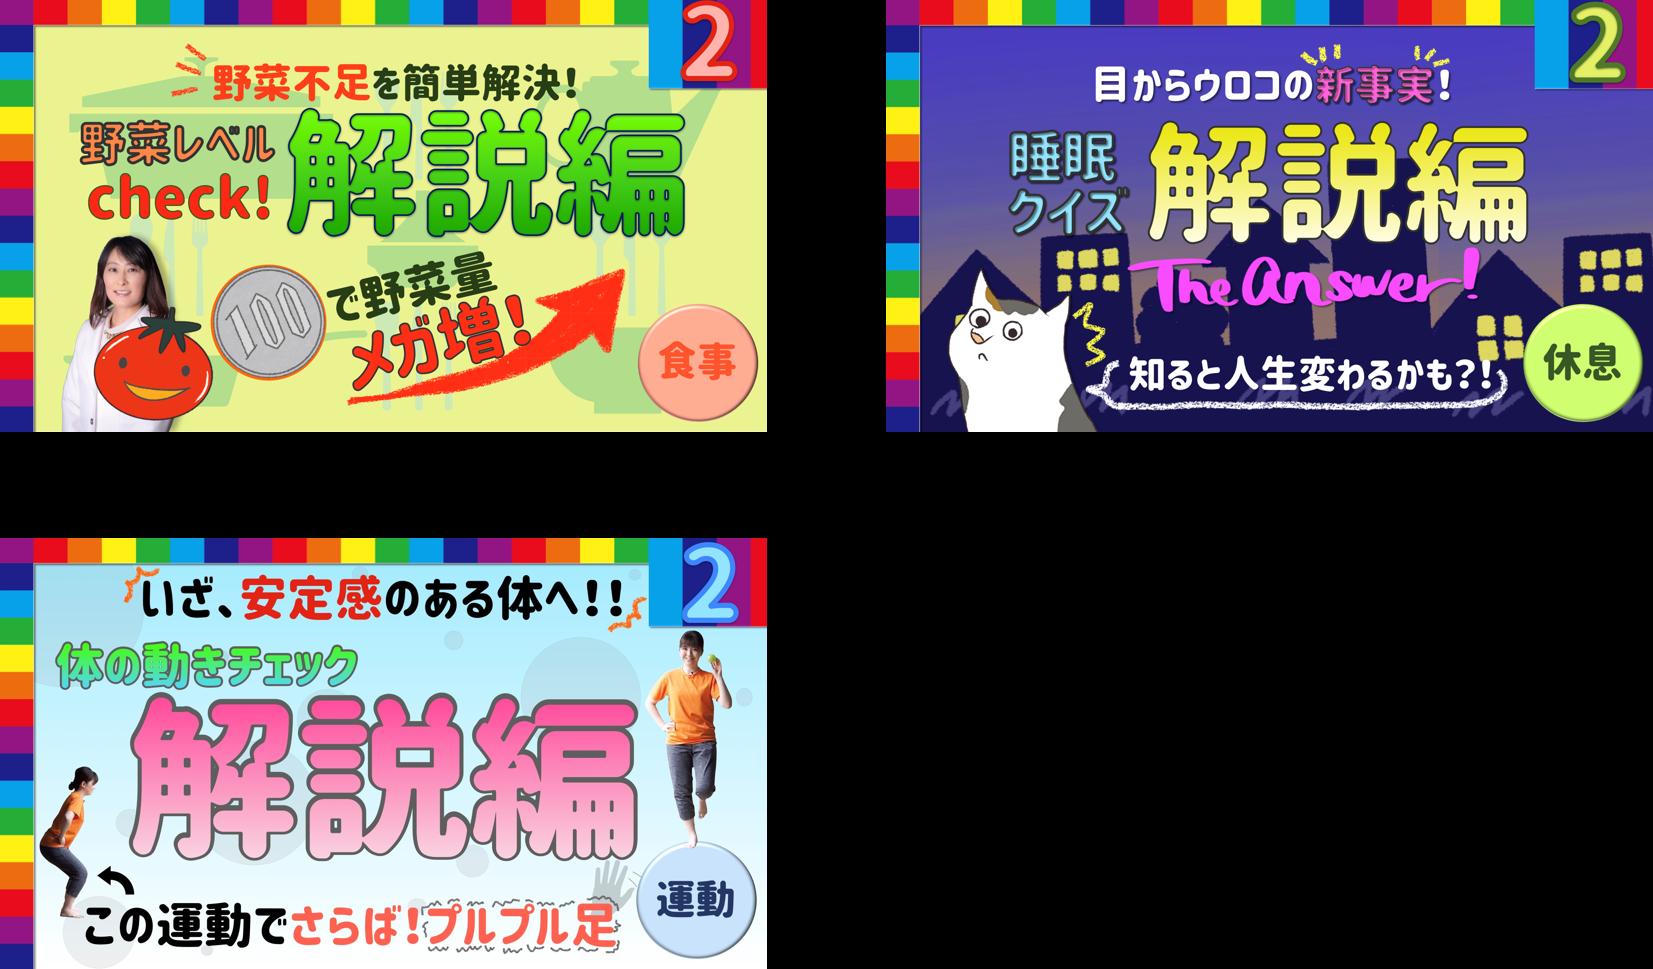 解説動画イメージ